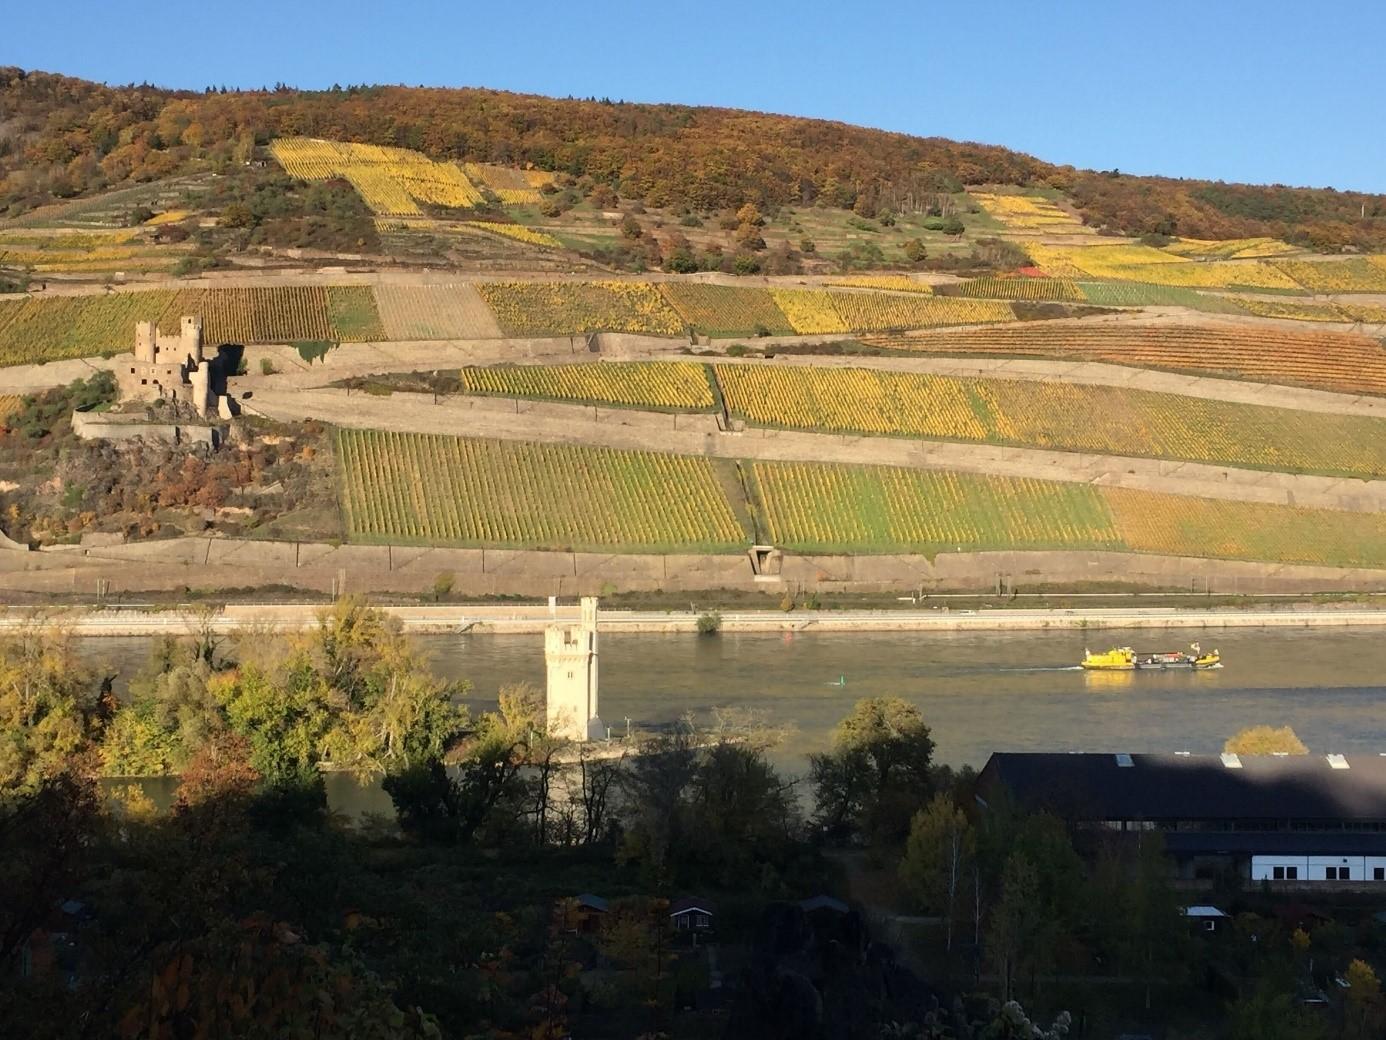 Blick auf die Weingärten des Rheintals